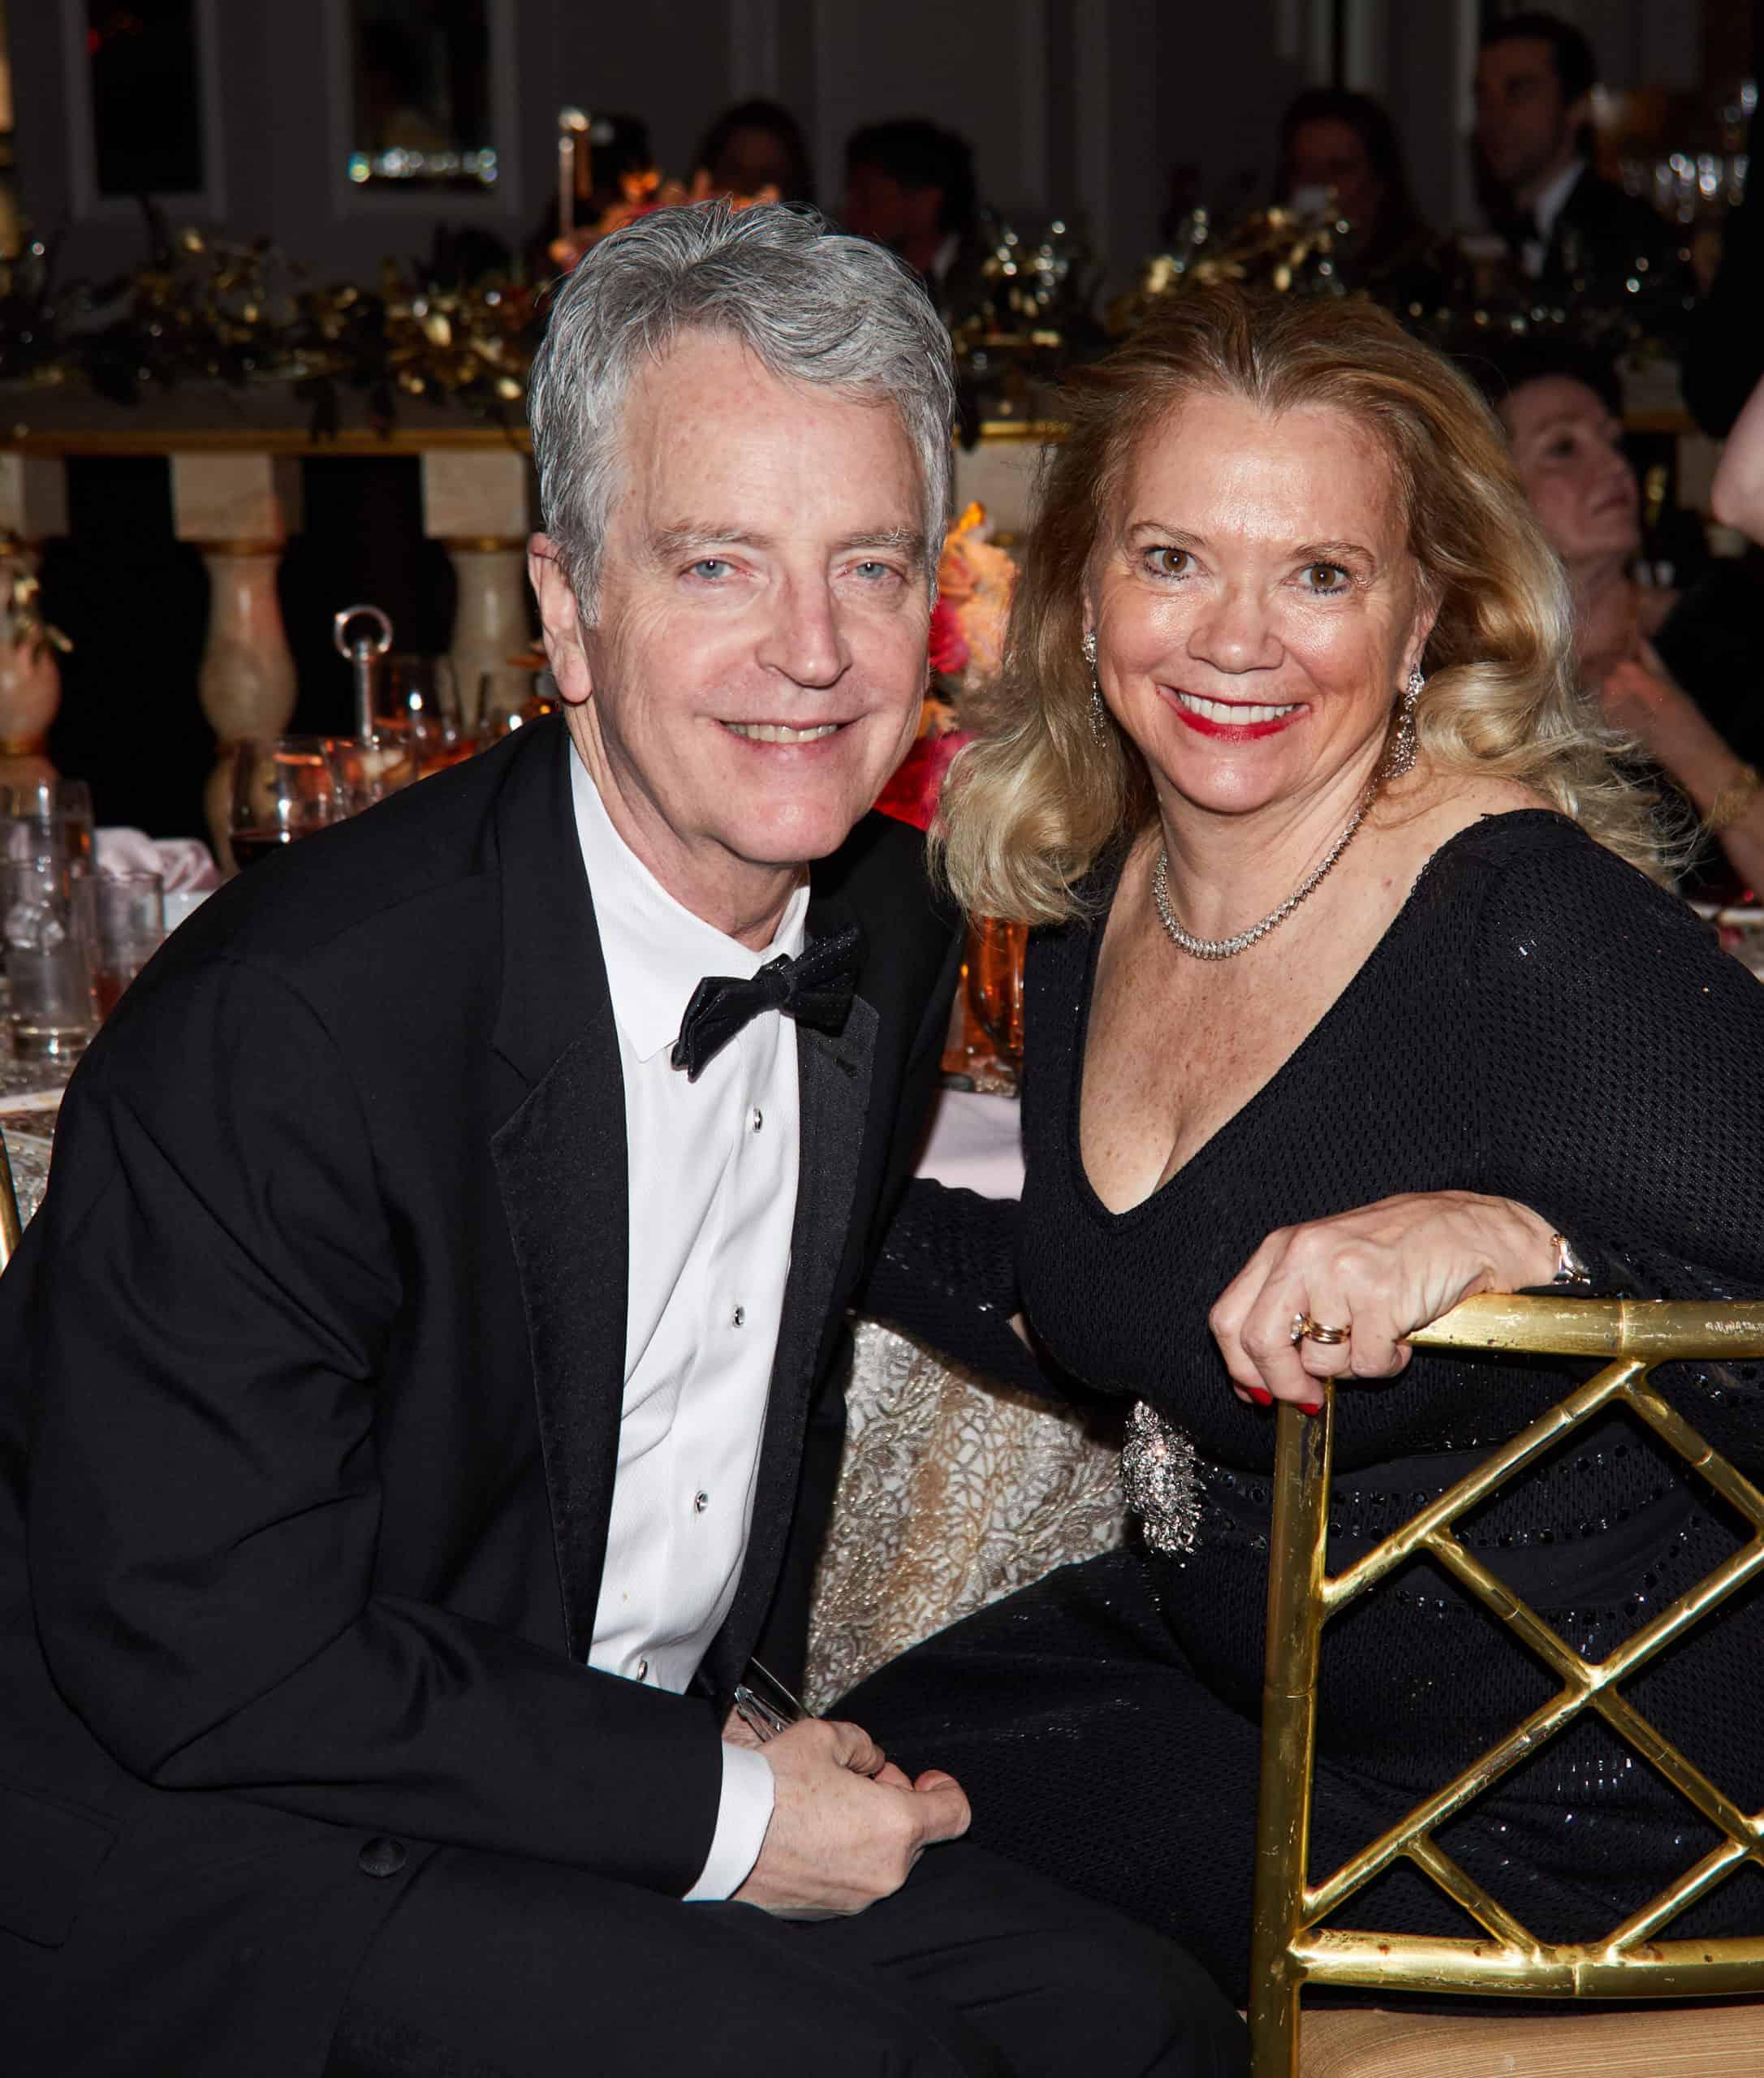 John and Linda Gilmore